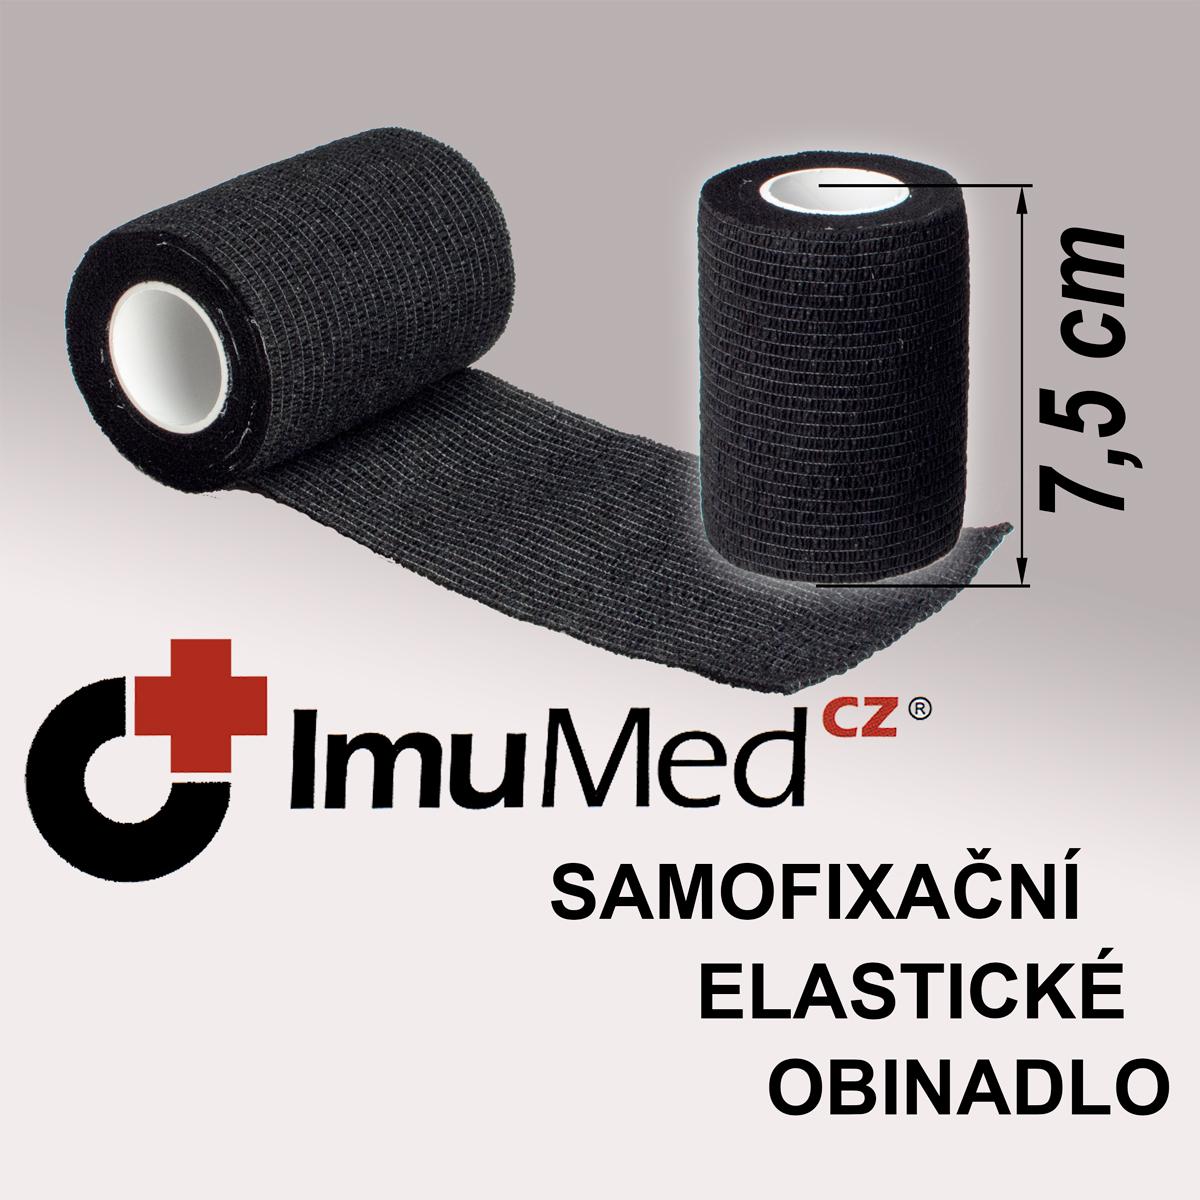 ImuMedCZ samofixační elastické obinadlo 7,5cm x 4,5m ČERNÁ barva ImuMedCZ samodržící elastické obinadlo 7,5cm x 4,5m ČERNÁ barva